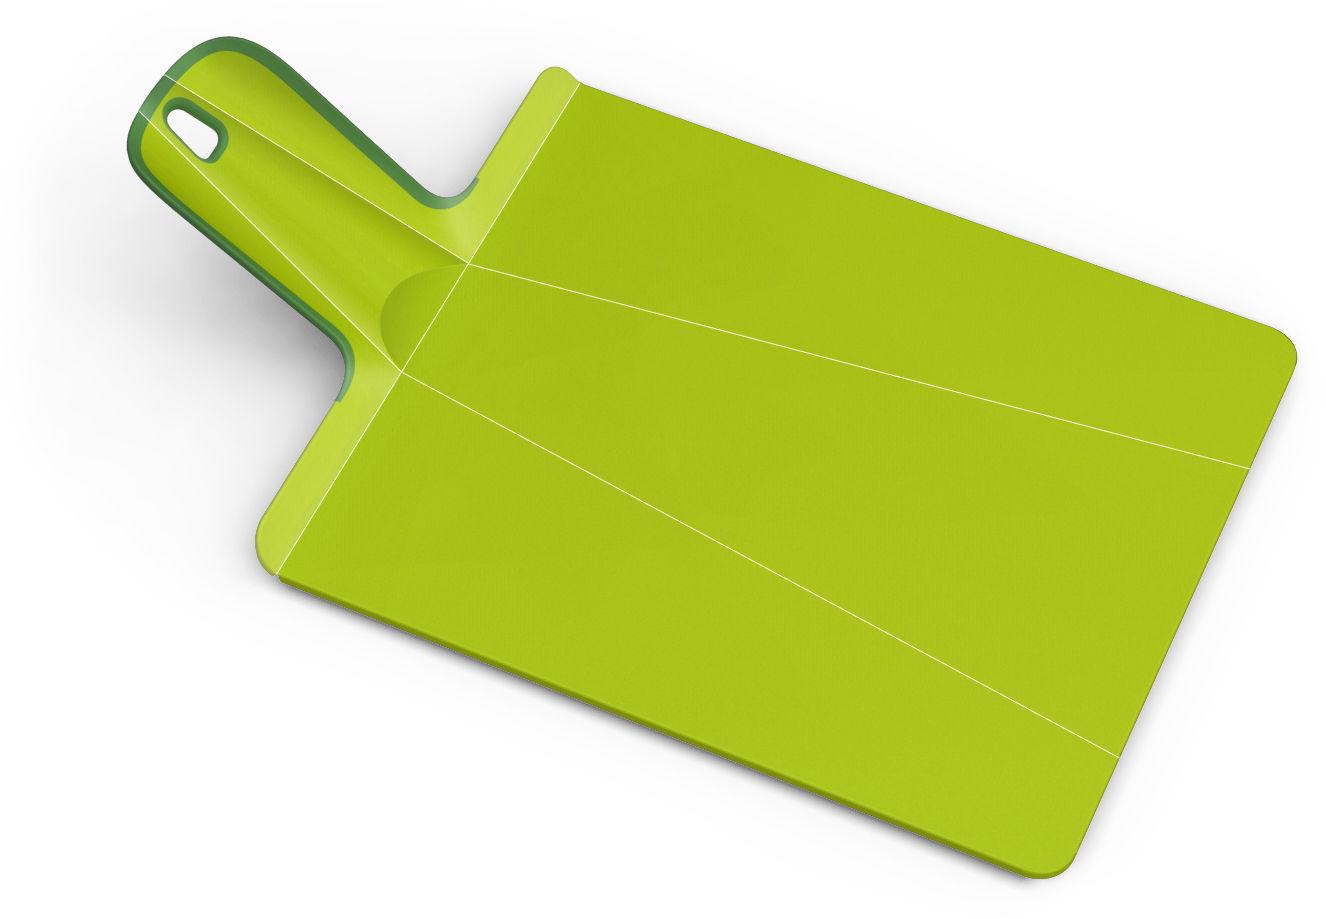 Cuisine - Pratique & malin - Planche à découper Chop2Pot / Pliable - L 38 cm - Joseph Joseph - Vert - Polypropylène